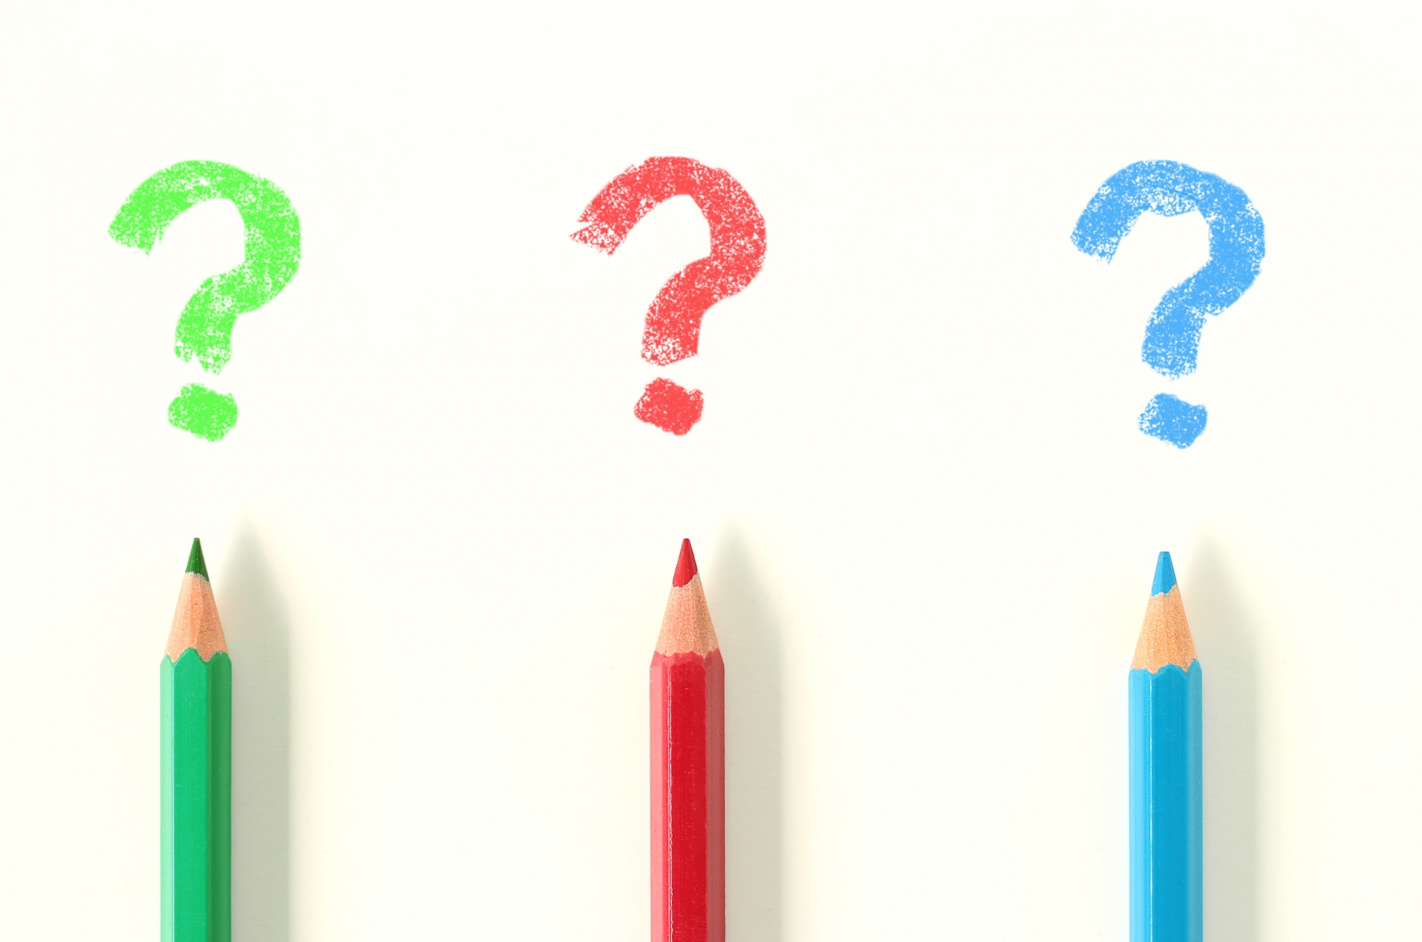 3色の色鉛筆とクエスチョン